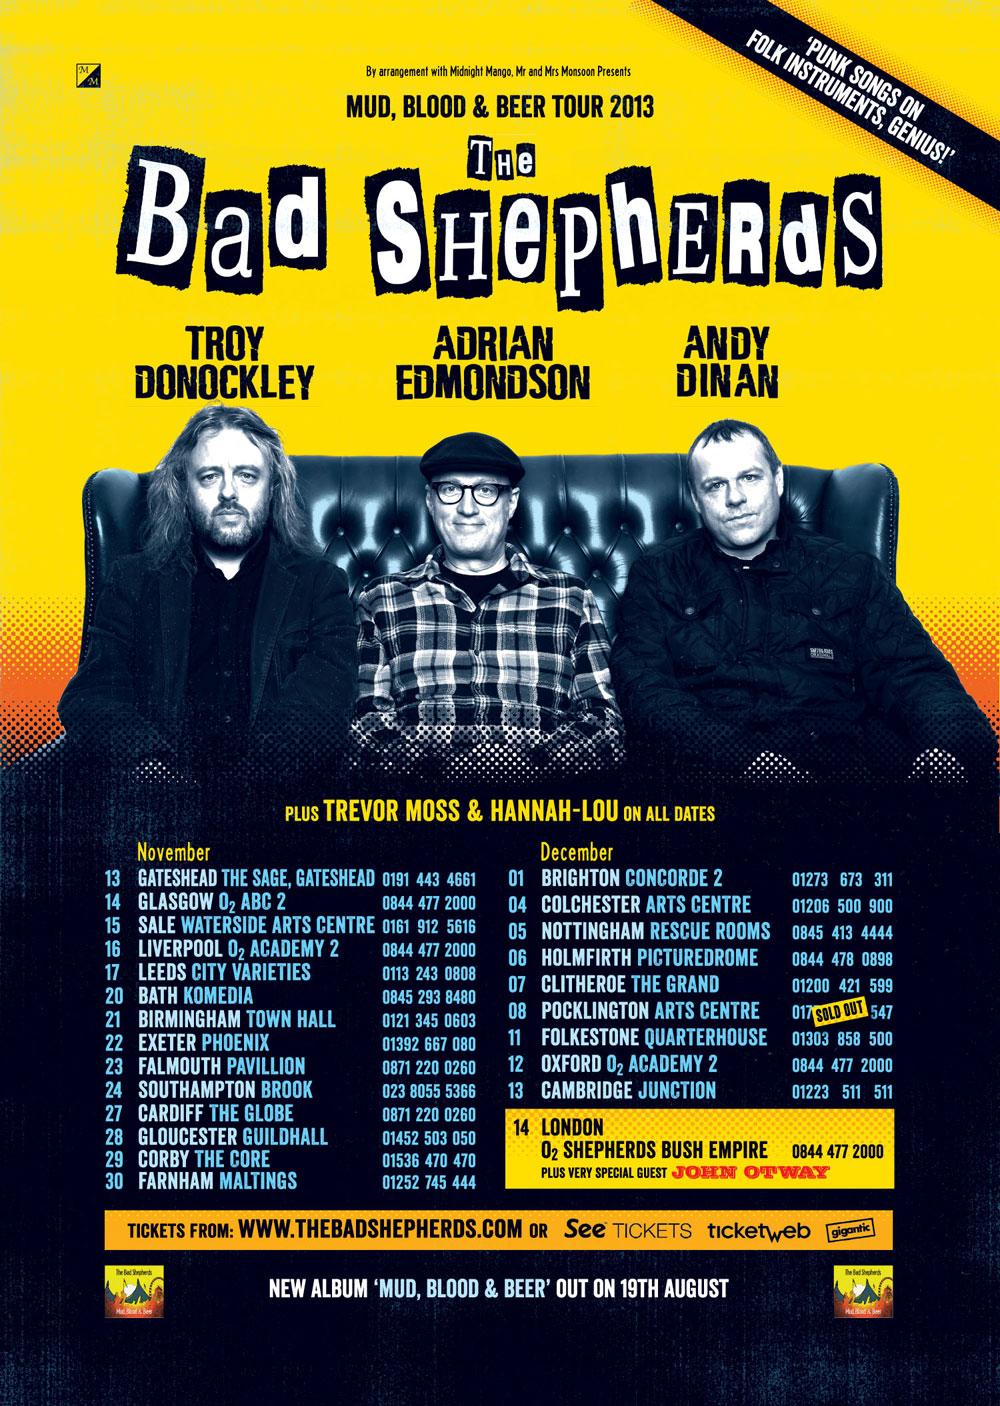 The Bad Shepherds Autumn Tour 2013